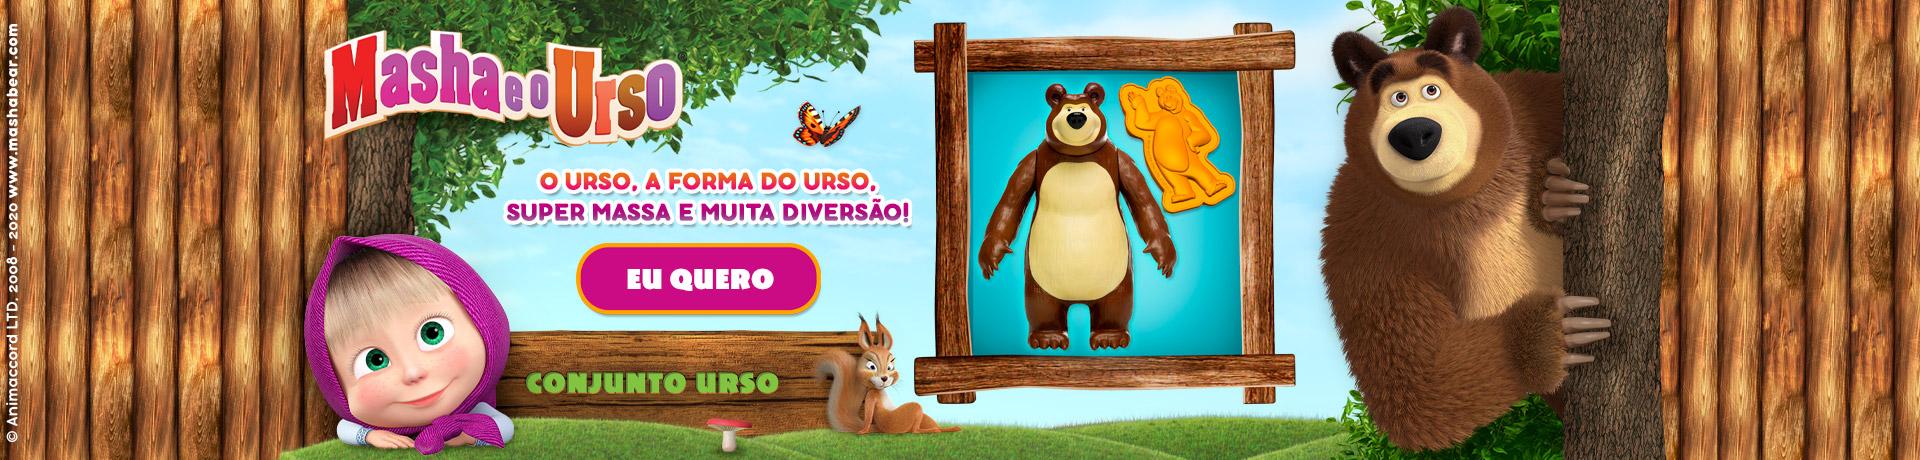 Conjunto Urso - Masha e o Urso